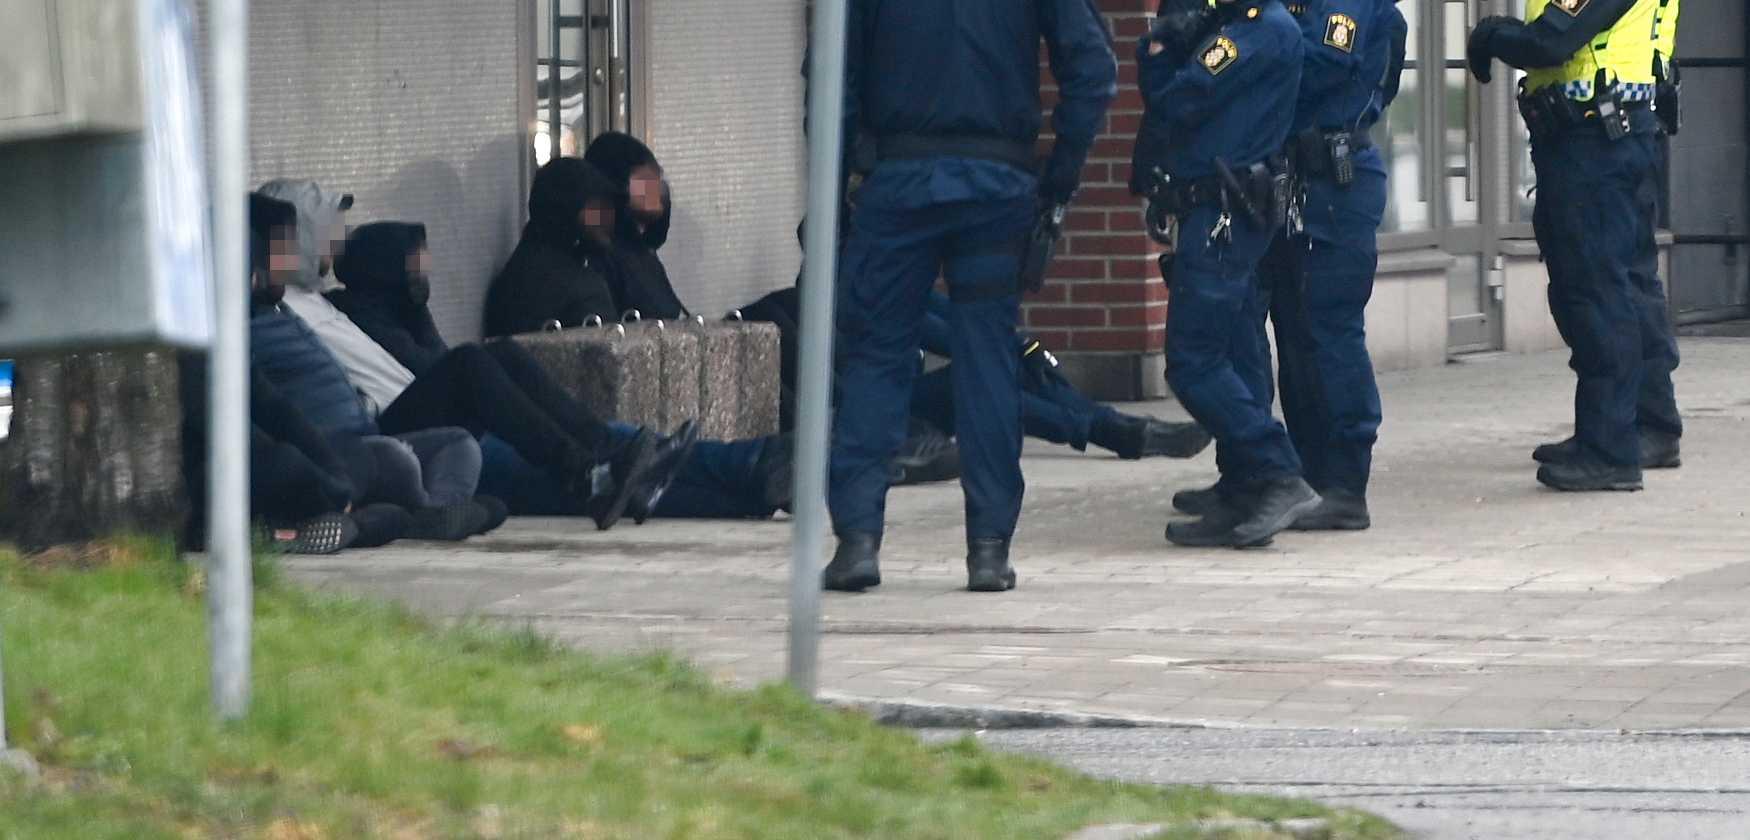 Flera personer sattes mot en husfasad i samband med insatsen vid Attunda tingsrätt i Sollentuna.